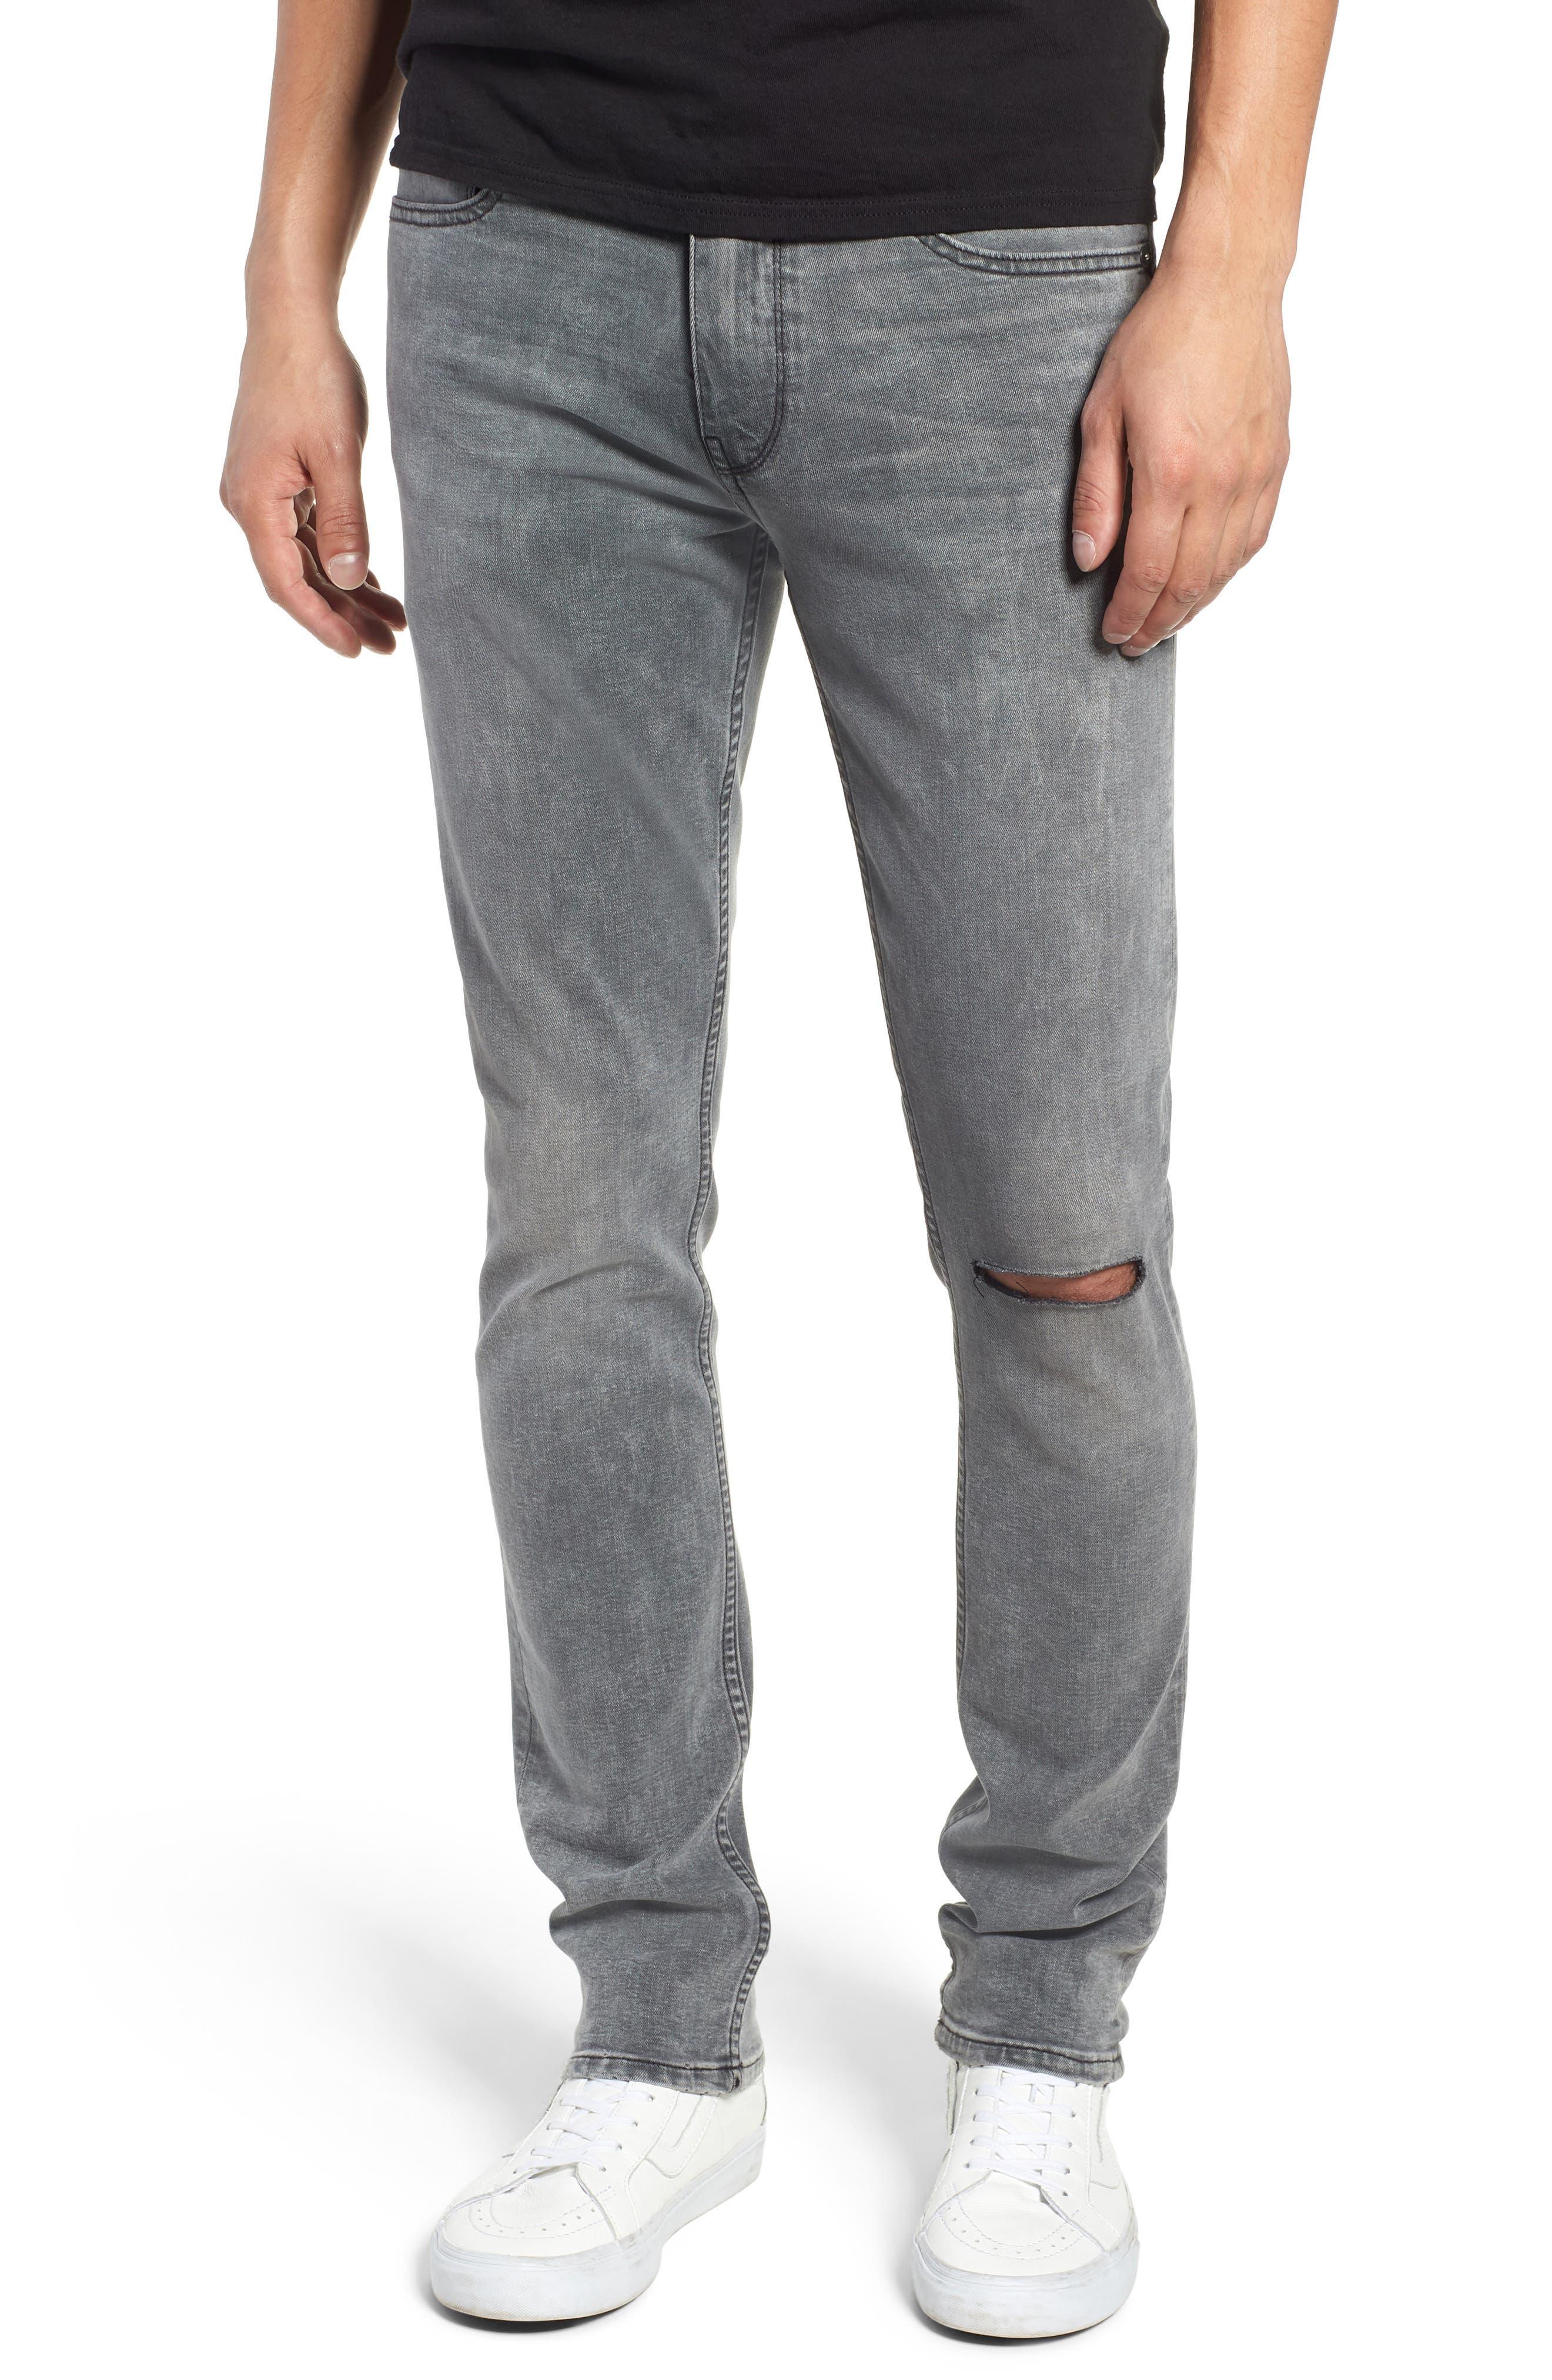 Lennox Slim Fit Jeans,                         Main,                         color, 020